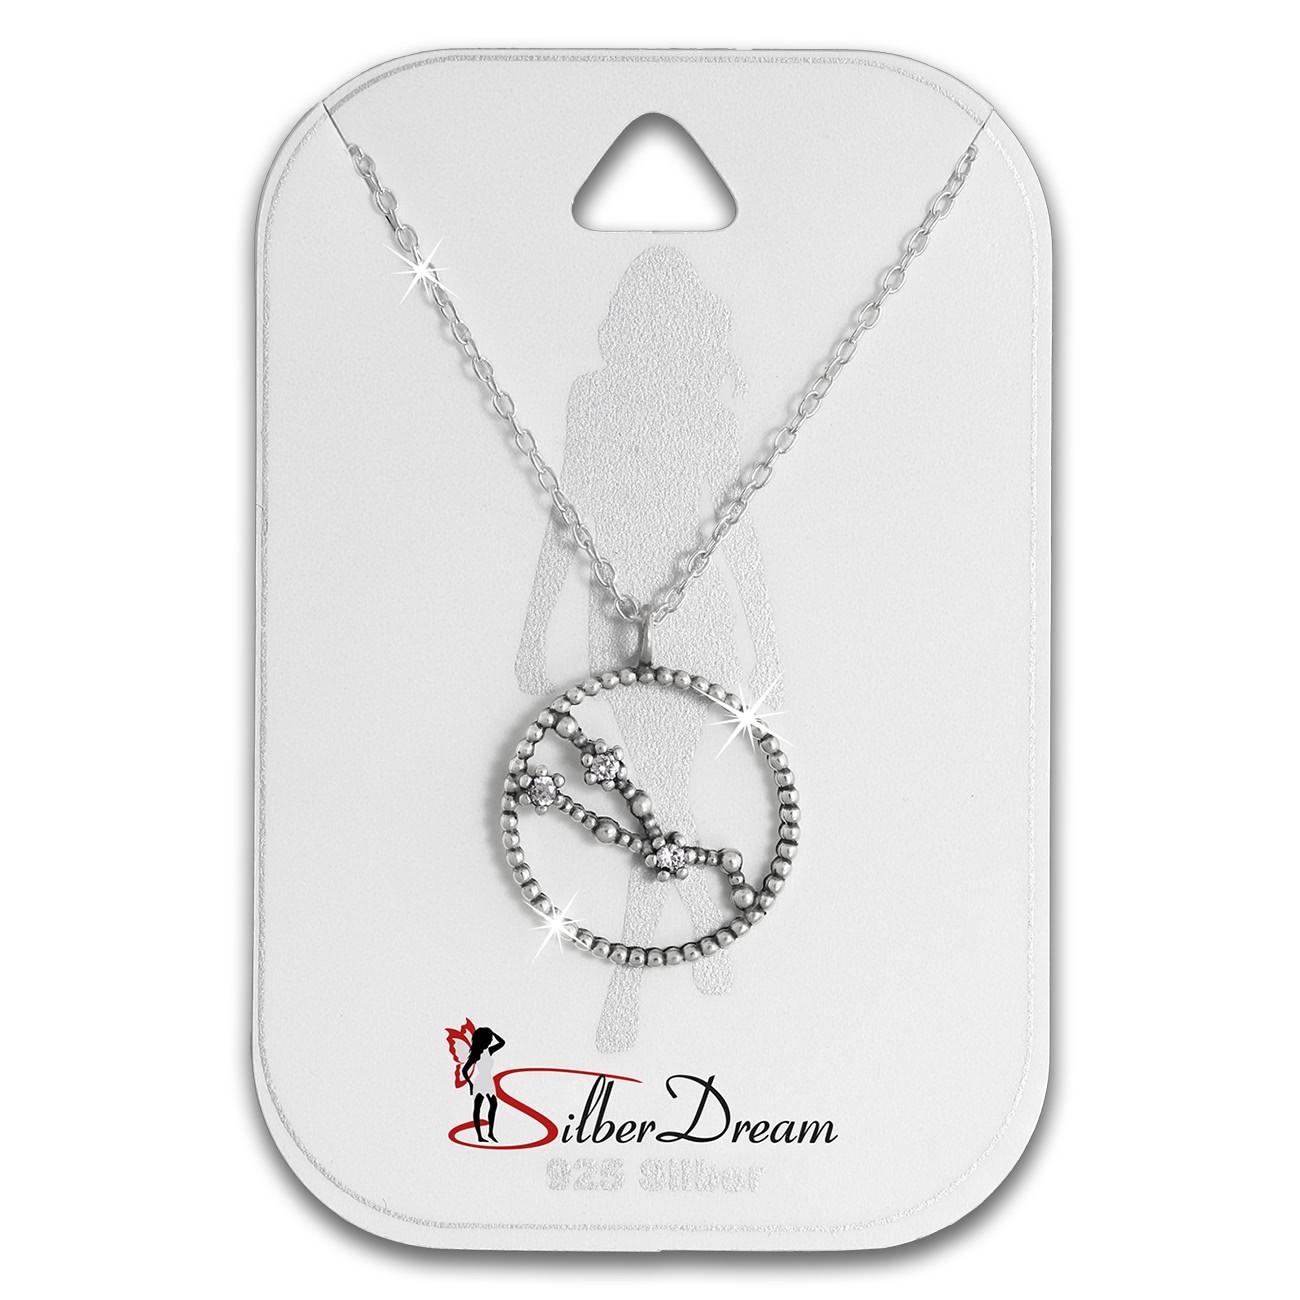 SilberDream Halskette Sternzeichen Stier 925 Silber 45cm Damen Kette SDK8505W